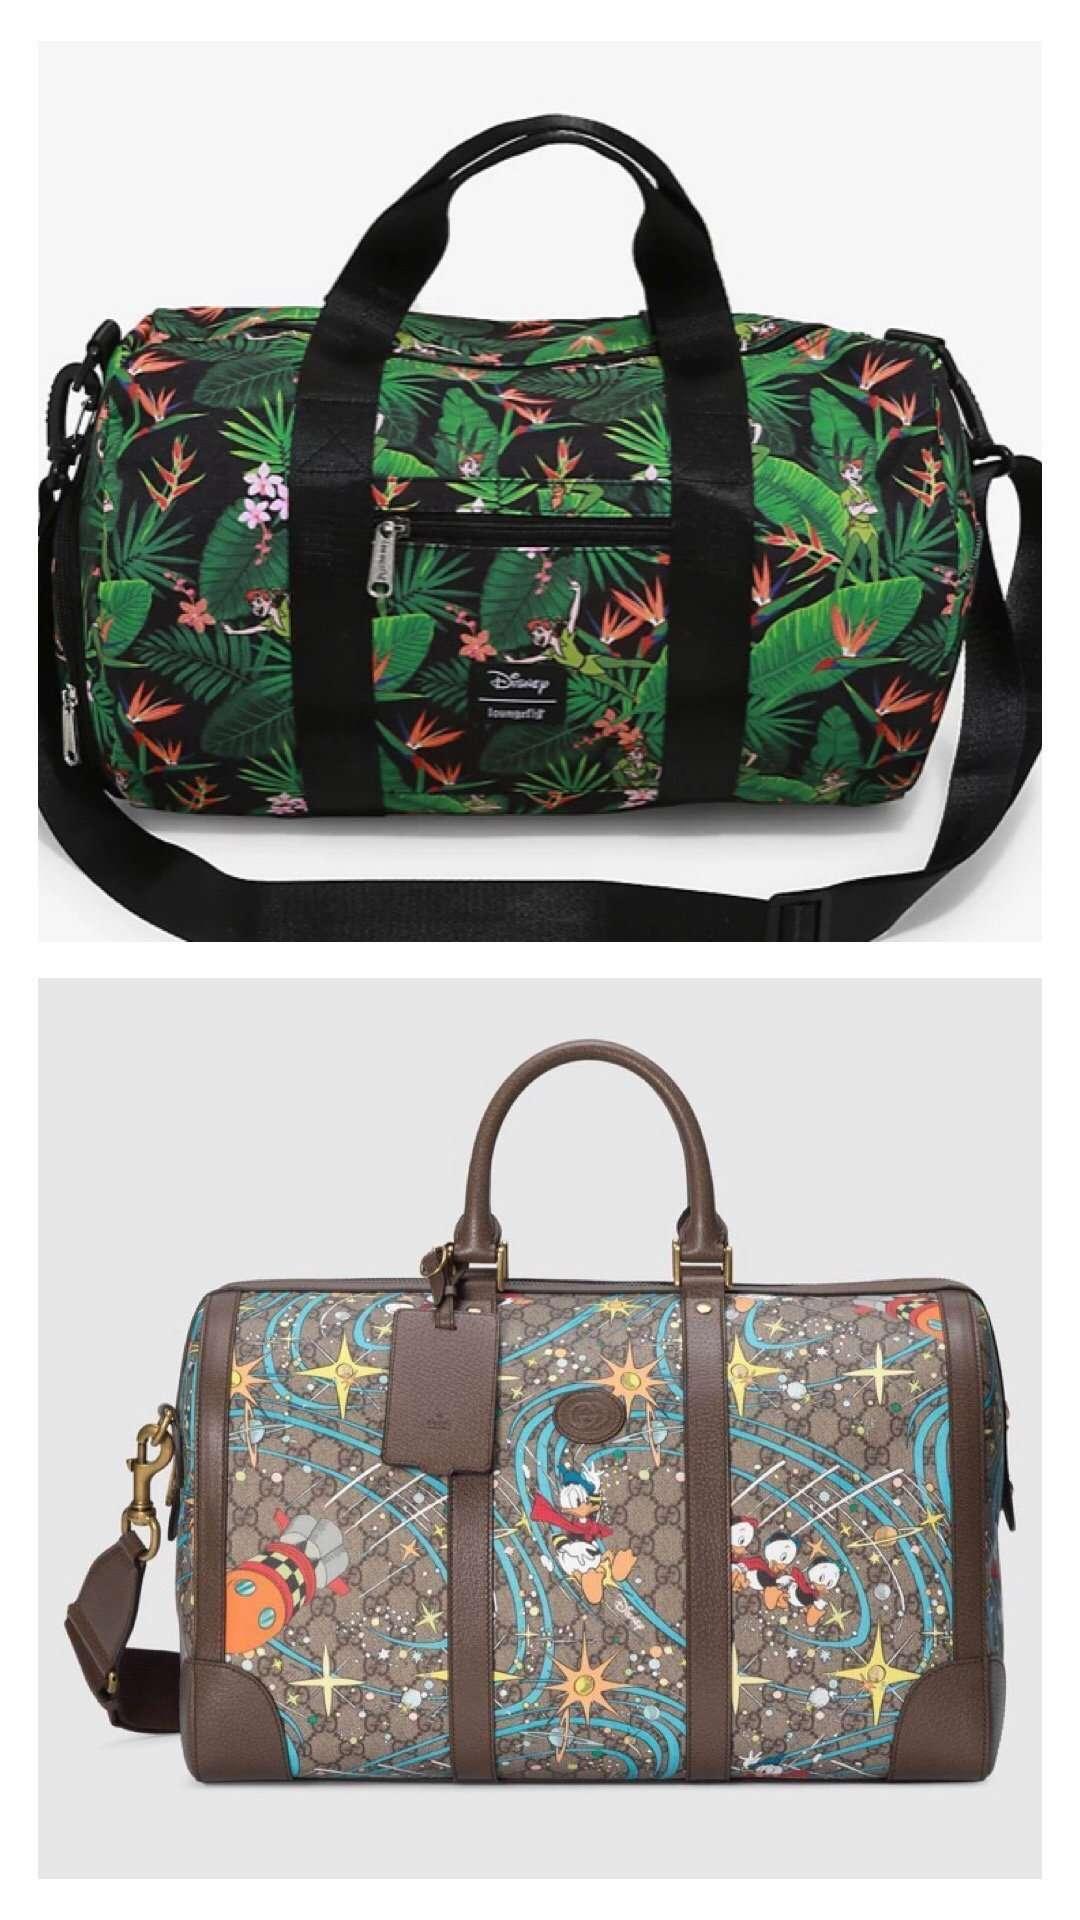 Disney weekender bags